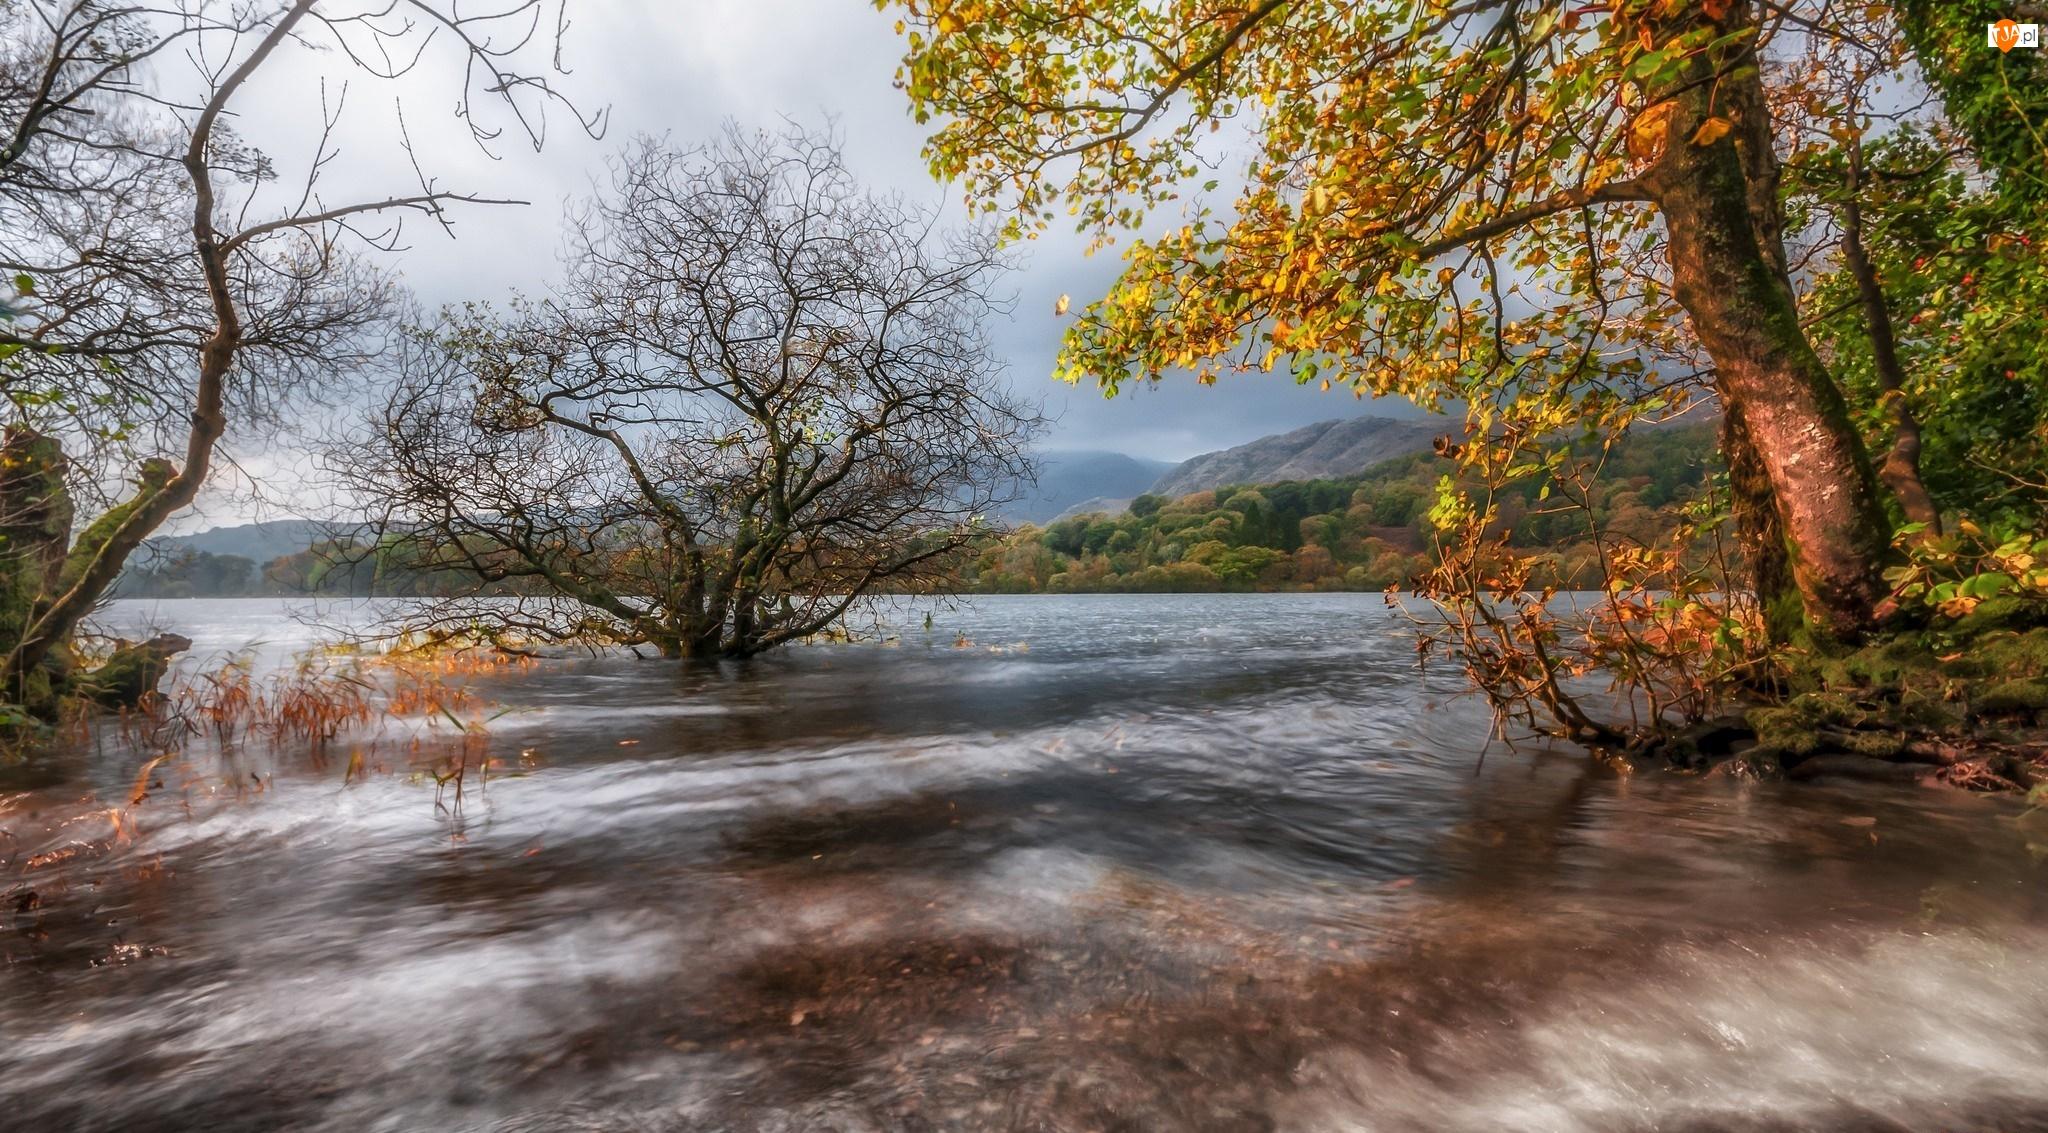 Wzgórza, Rzeka, Kumbria, Anglia, Jesień, Wieś Coniston, Drzewa